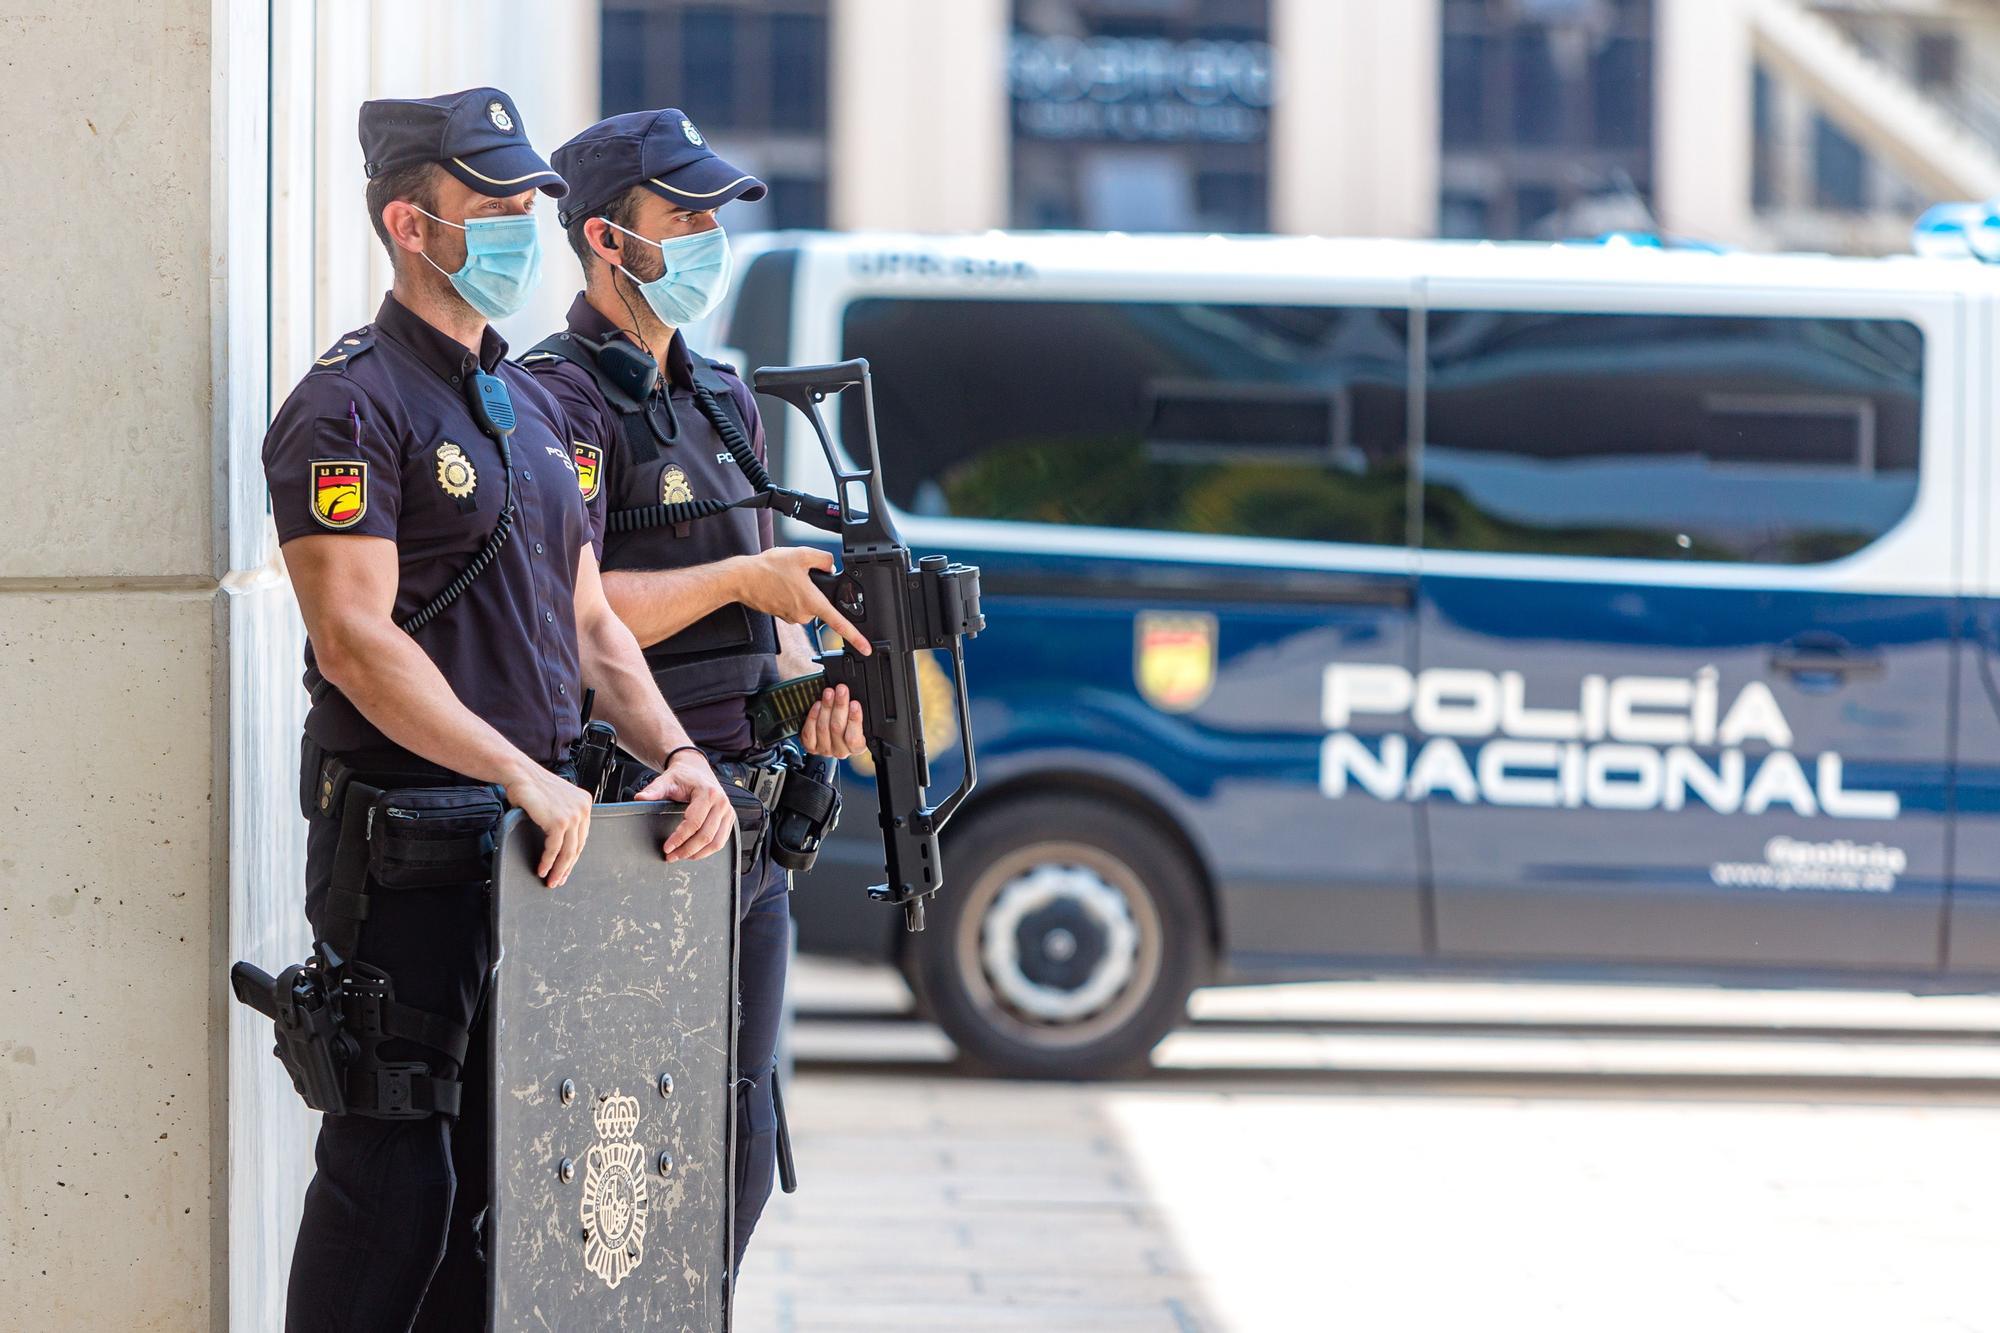 """Toni Pérez destaca """"el claro compromiso de hacer más segura y plena"""" la vida de residentes y turistas por parte de la Policía Nacional"""